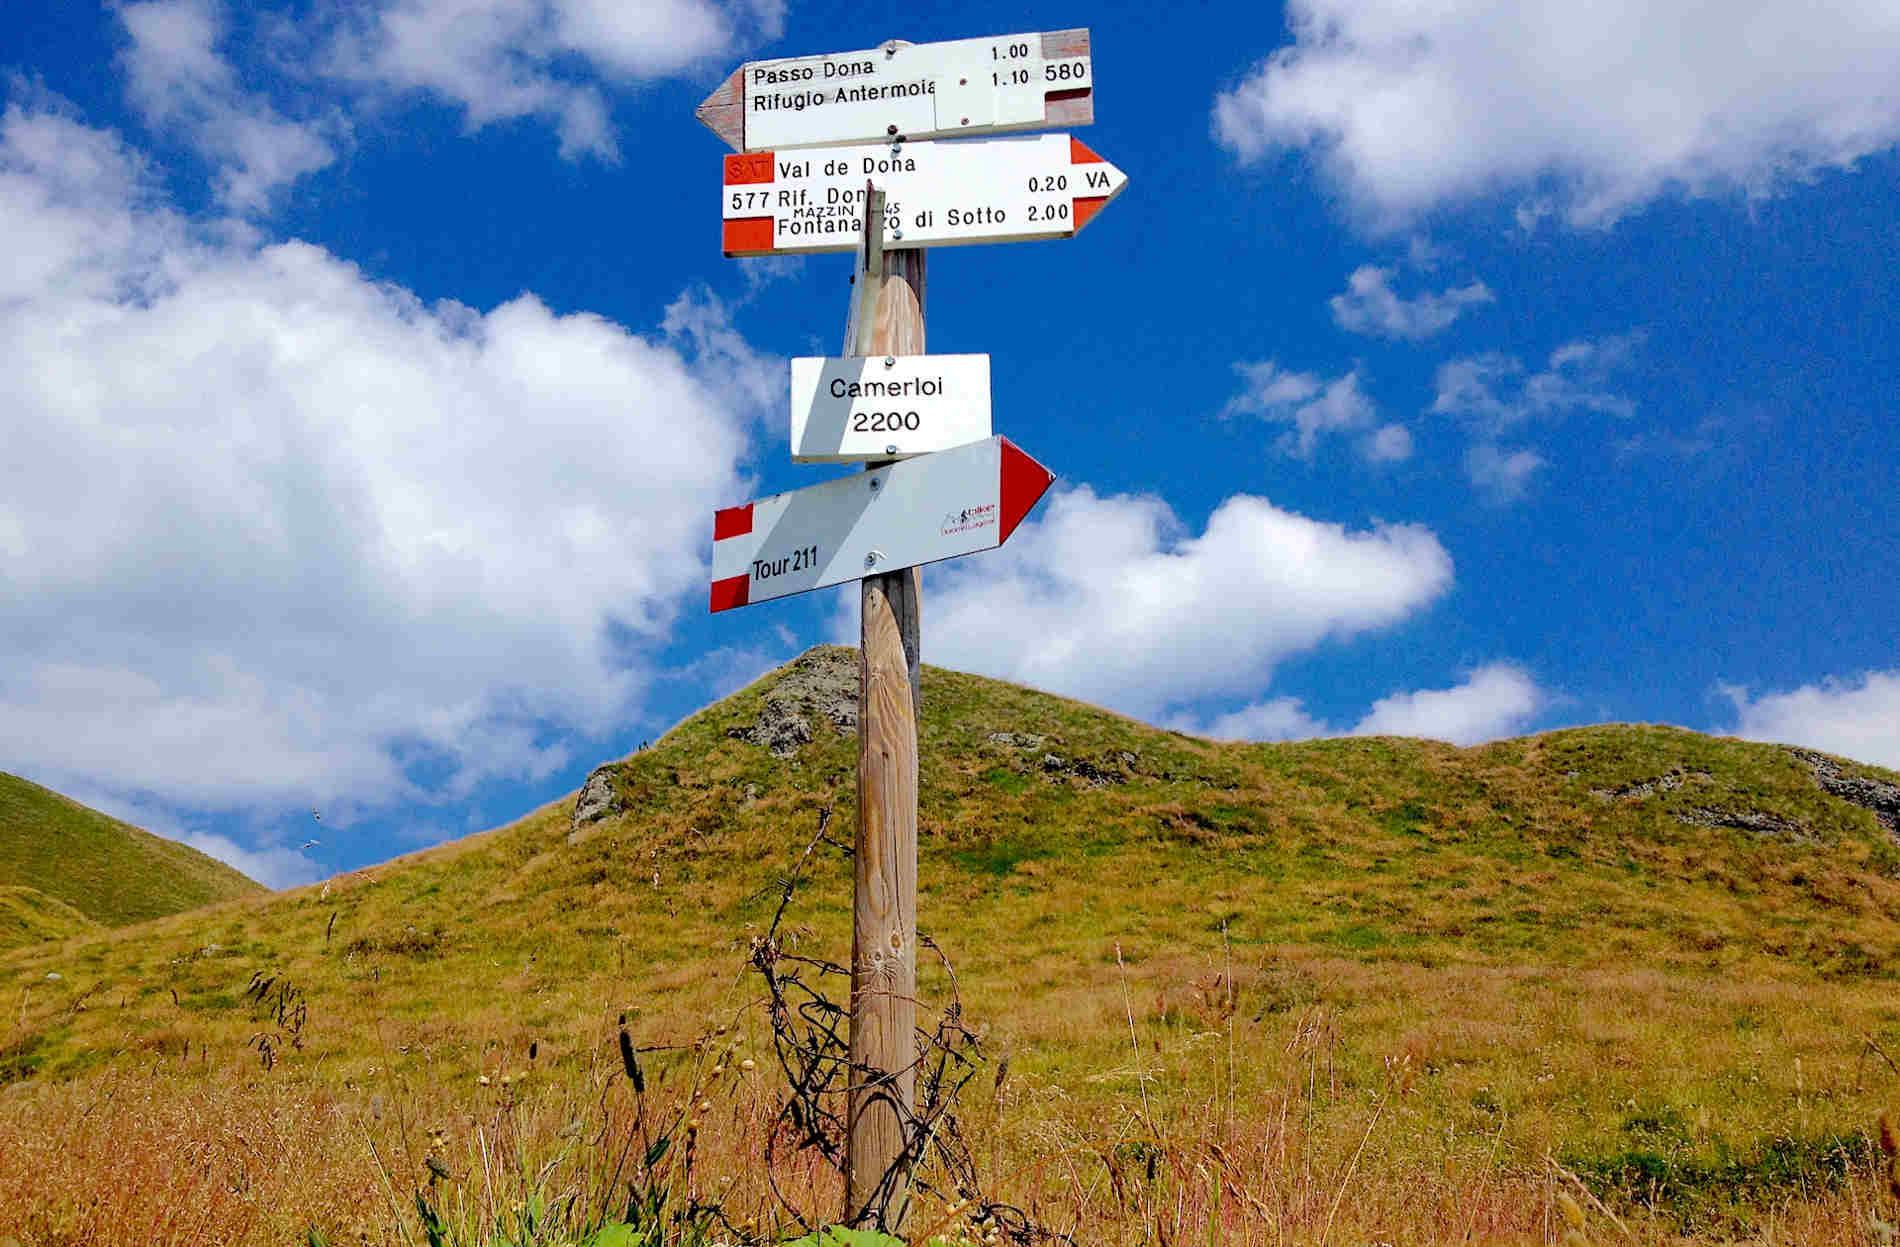 camerloi-per-andare-all-Antermoia-trekking-sulle-Dolomiti